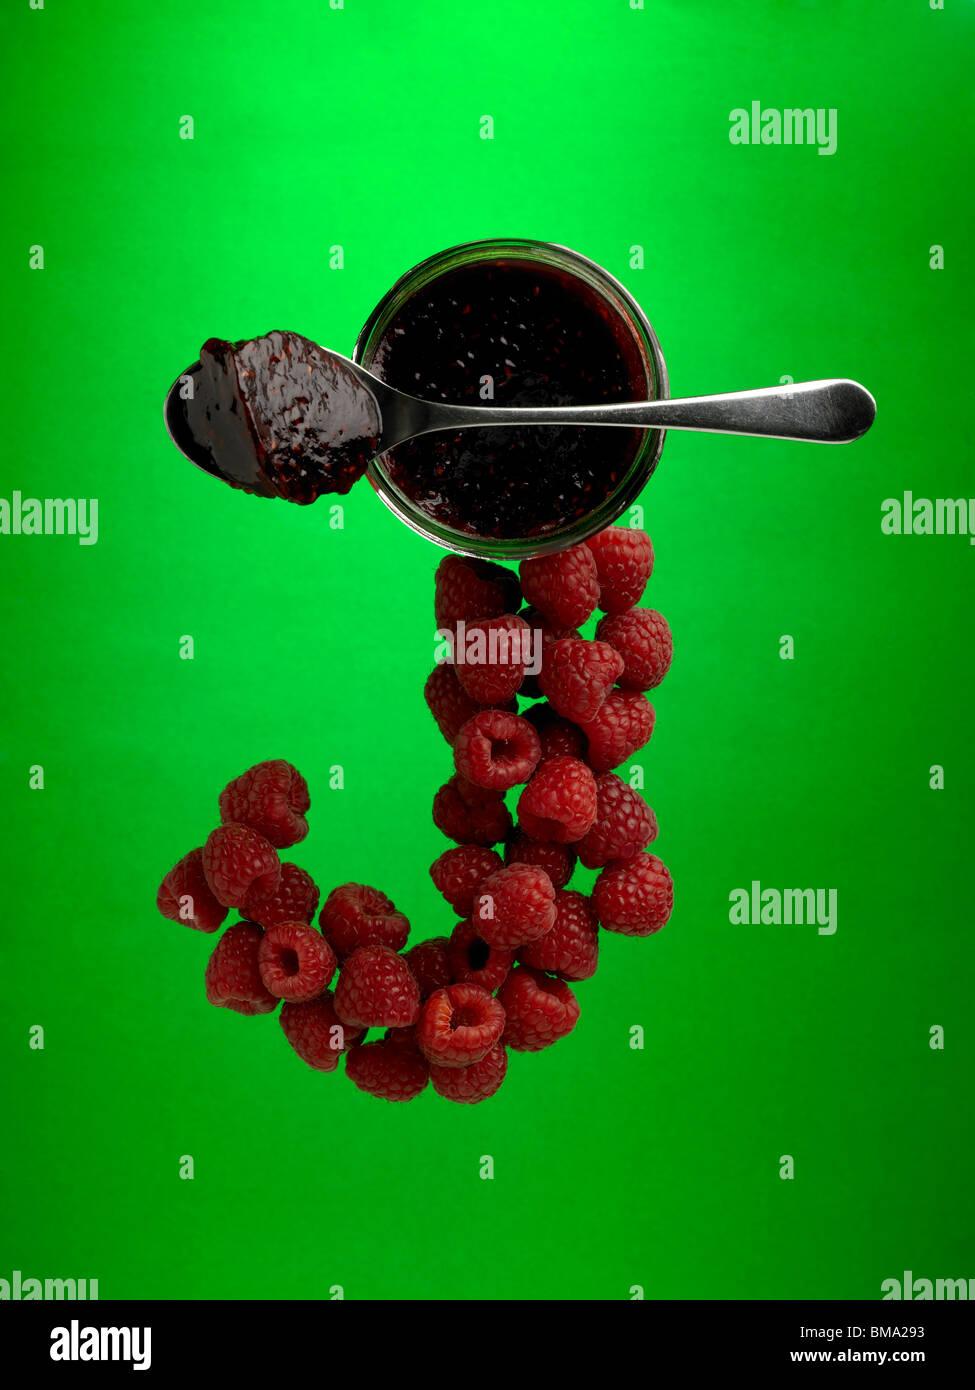 food letter J - Stock Image